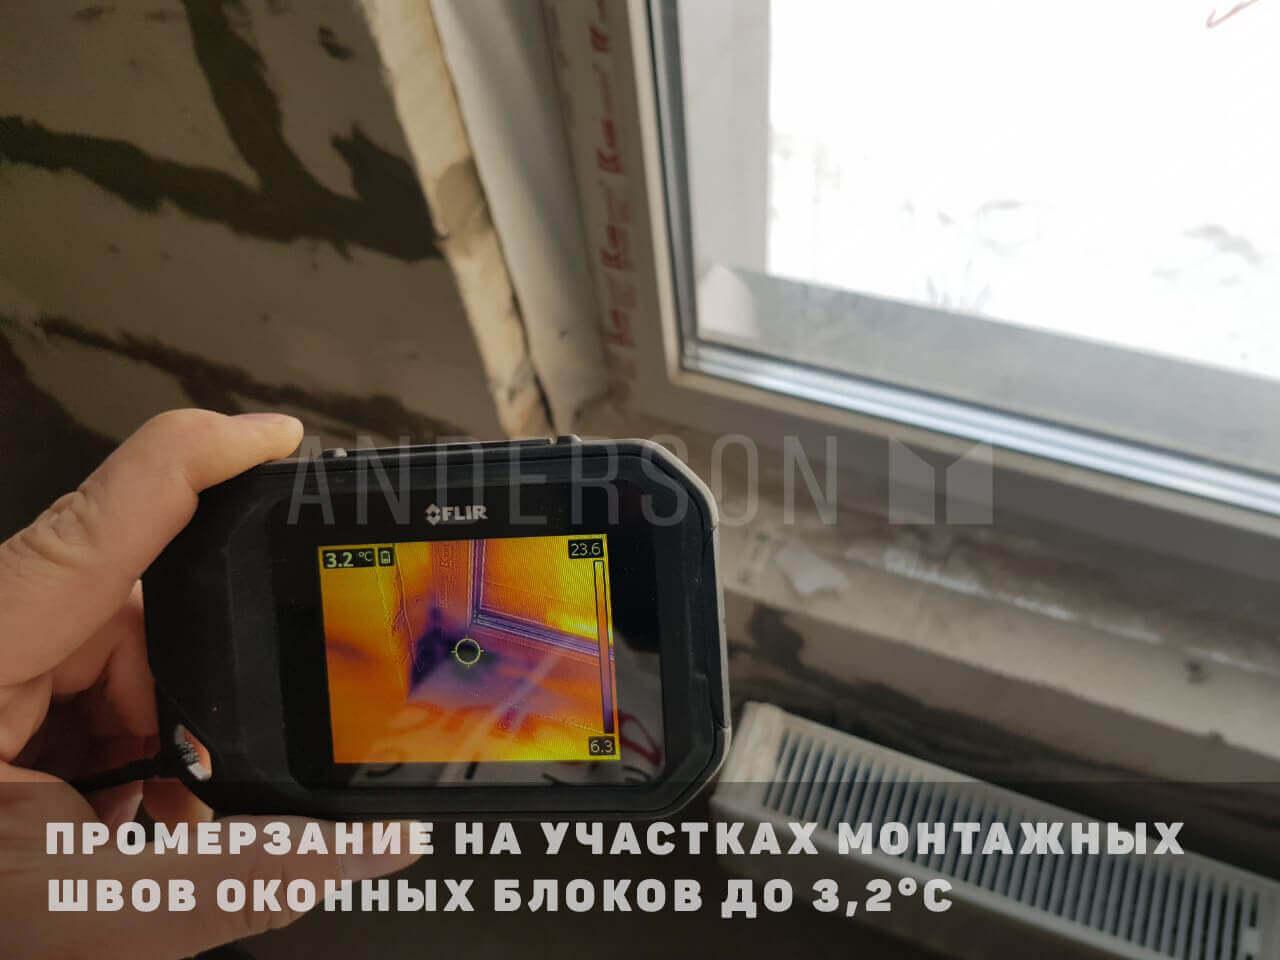 Промерзание монтажного шва оконного блока